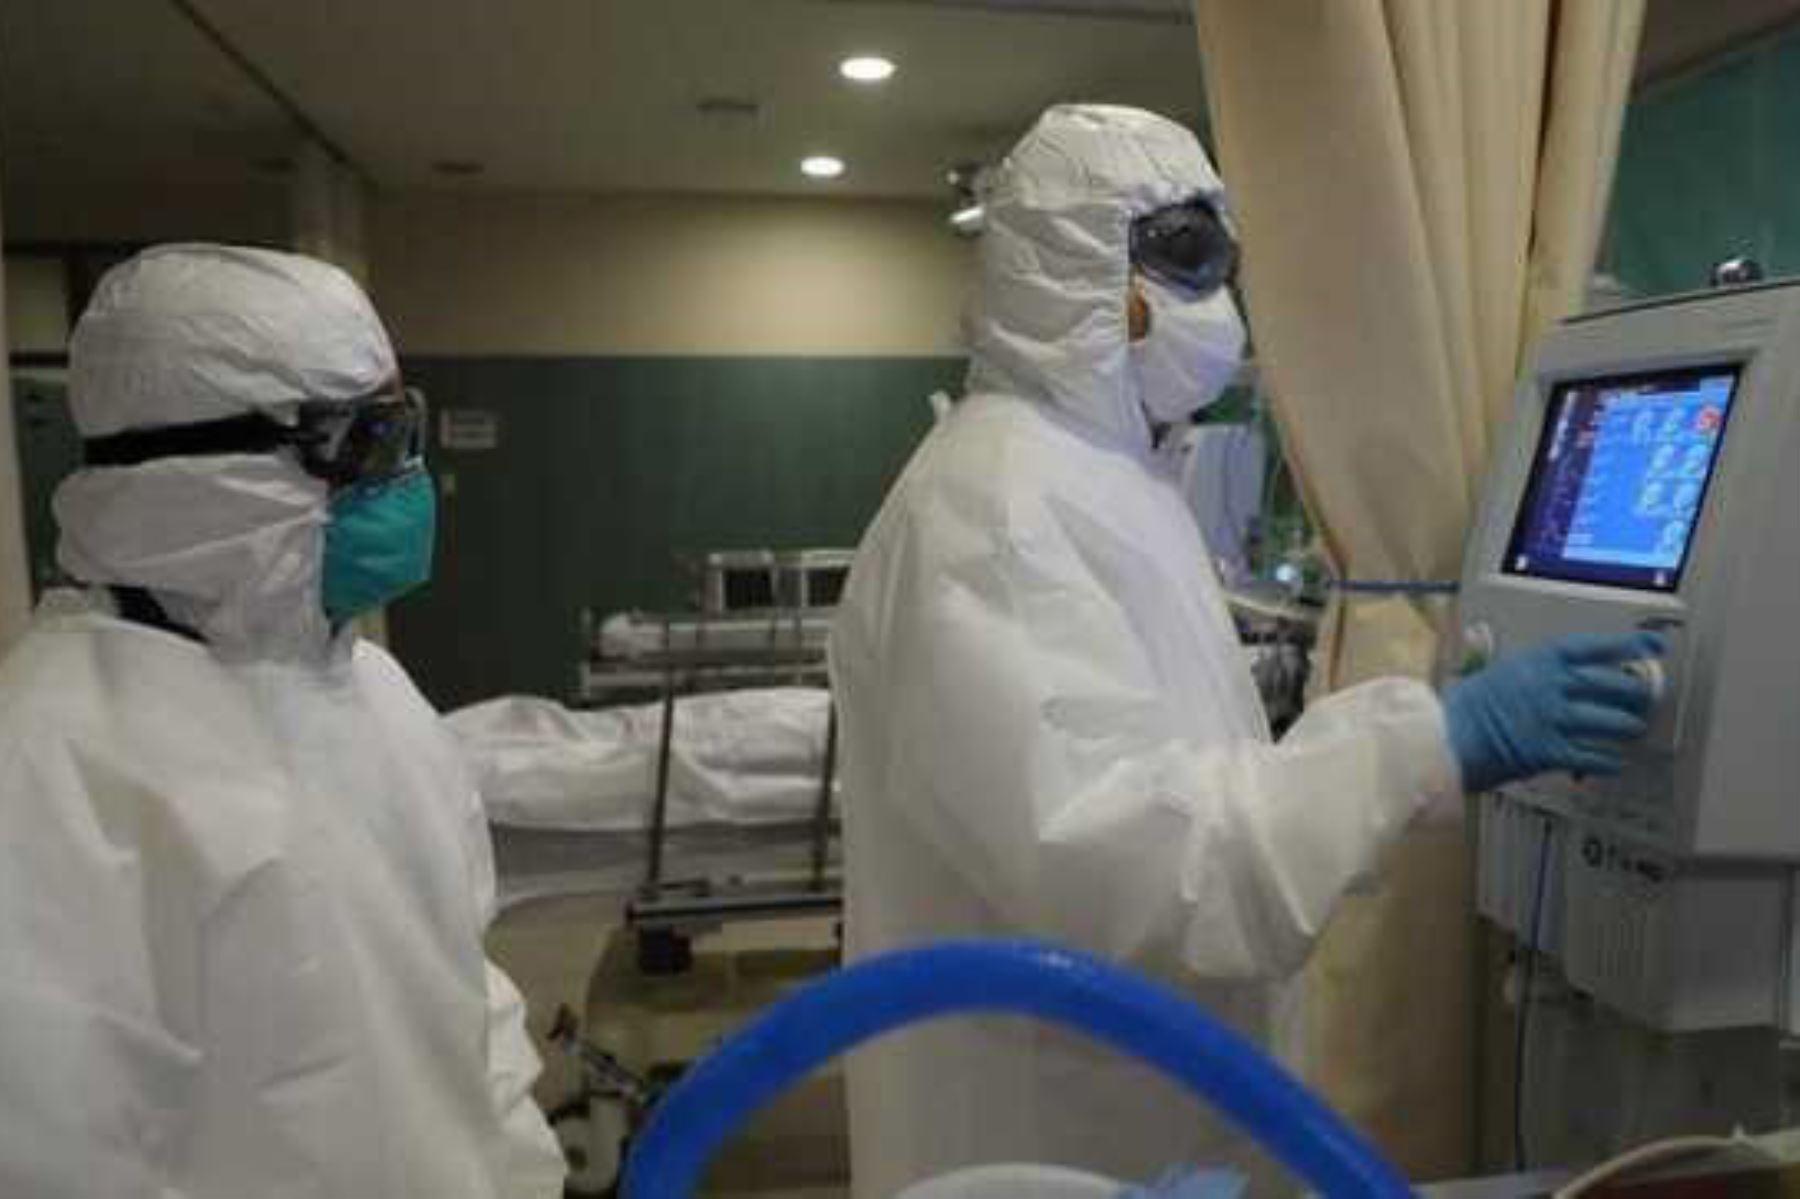 casi-91-millones-infectados-de-covid-en-el-mundo-segun-universidad-hopkins